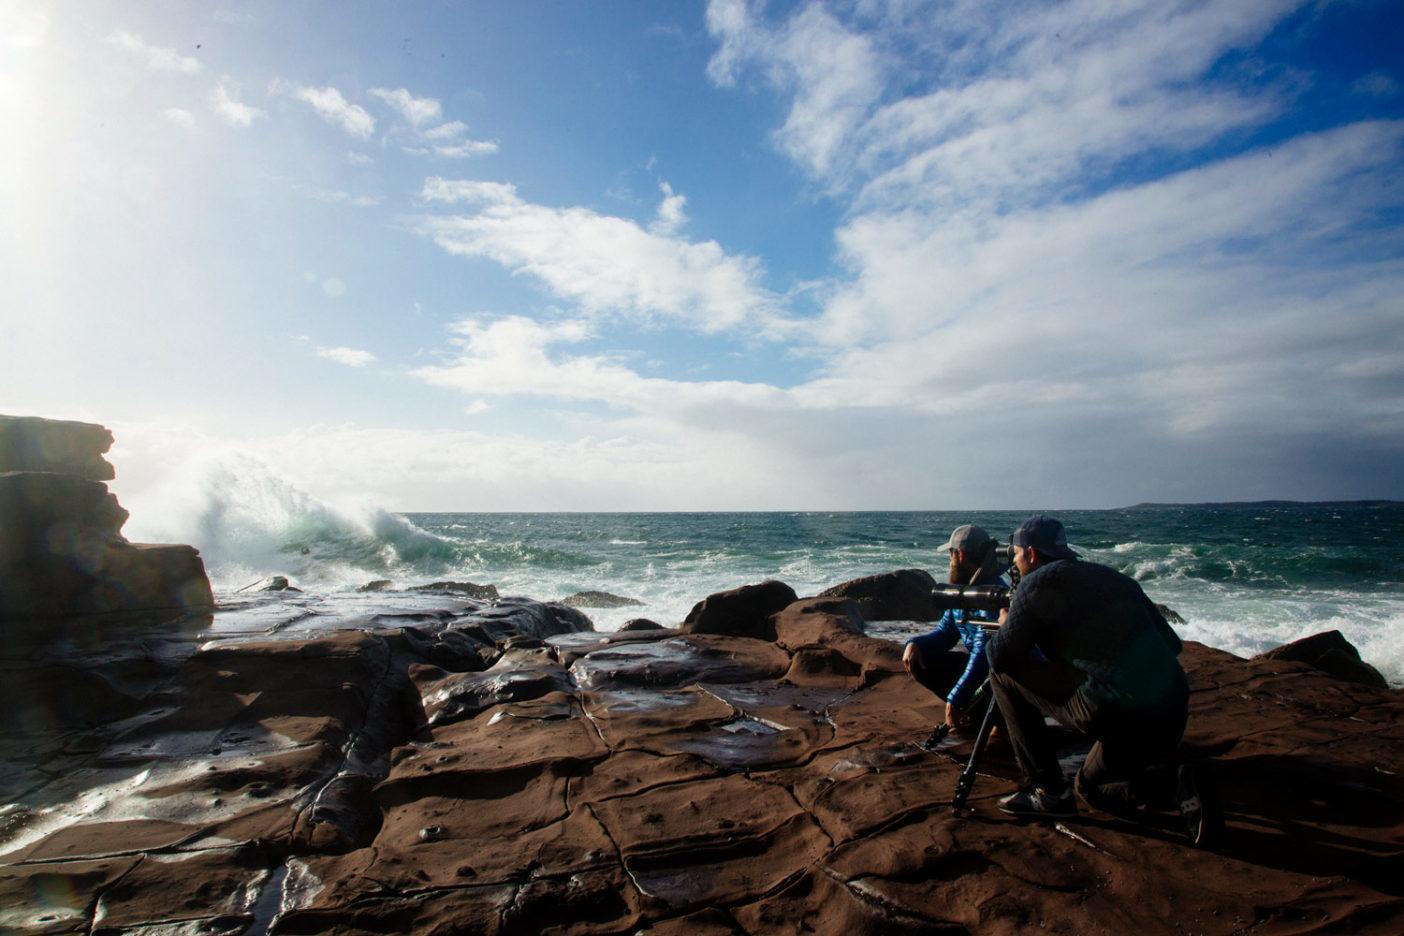 オーストラリアの沿岸で水と岩が合流する危なげな場所をレイがくぐり抜ける様子を捉えるキースとアンドリュー。Photo: Donnie Hedden